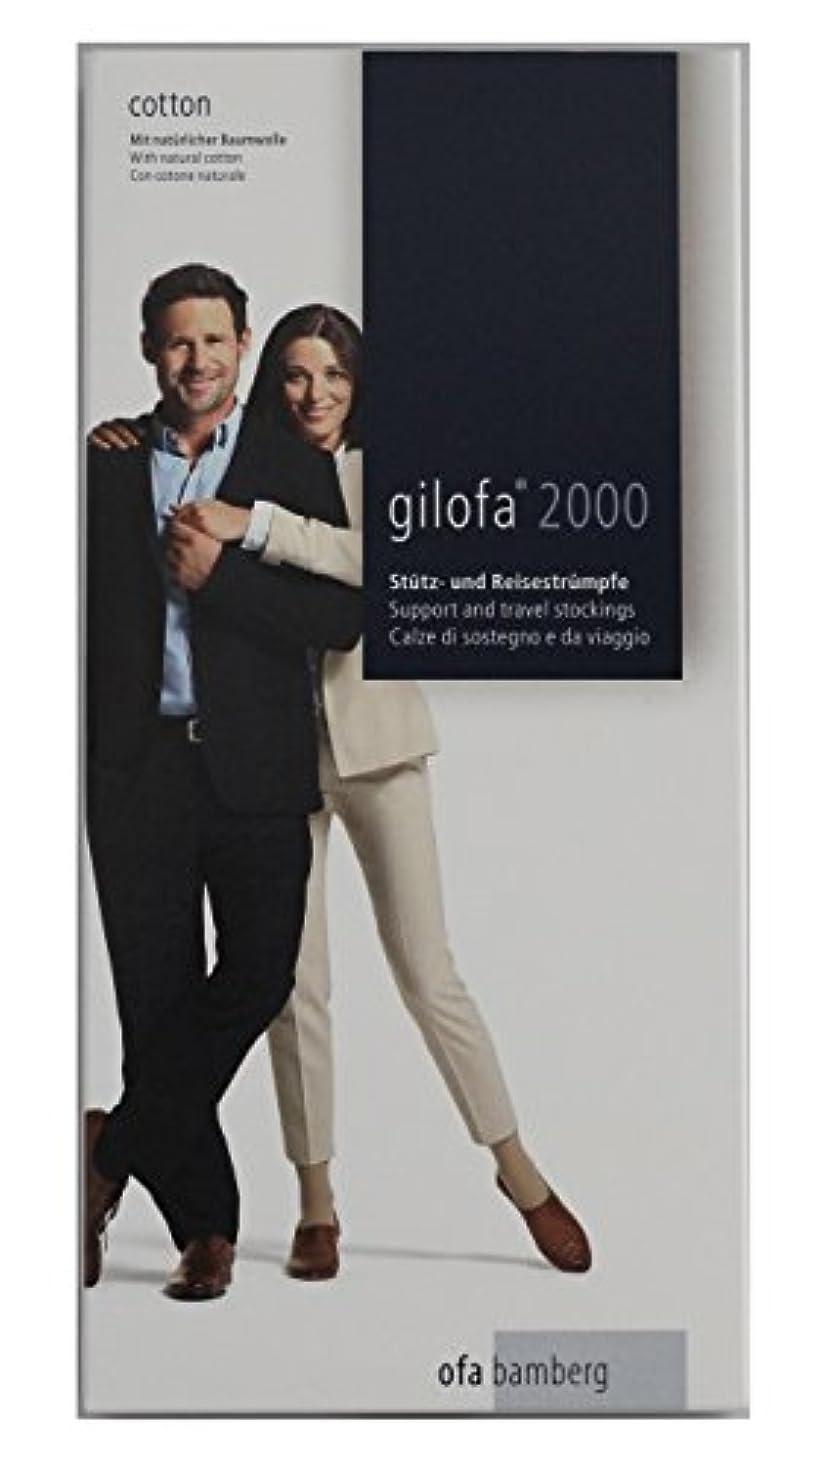 レンディション契約した海外でギロファ スタンダードソックス ネイビー Lサイズ(26.0~27.0cm)